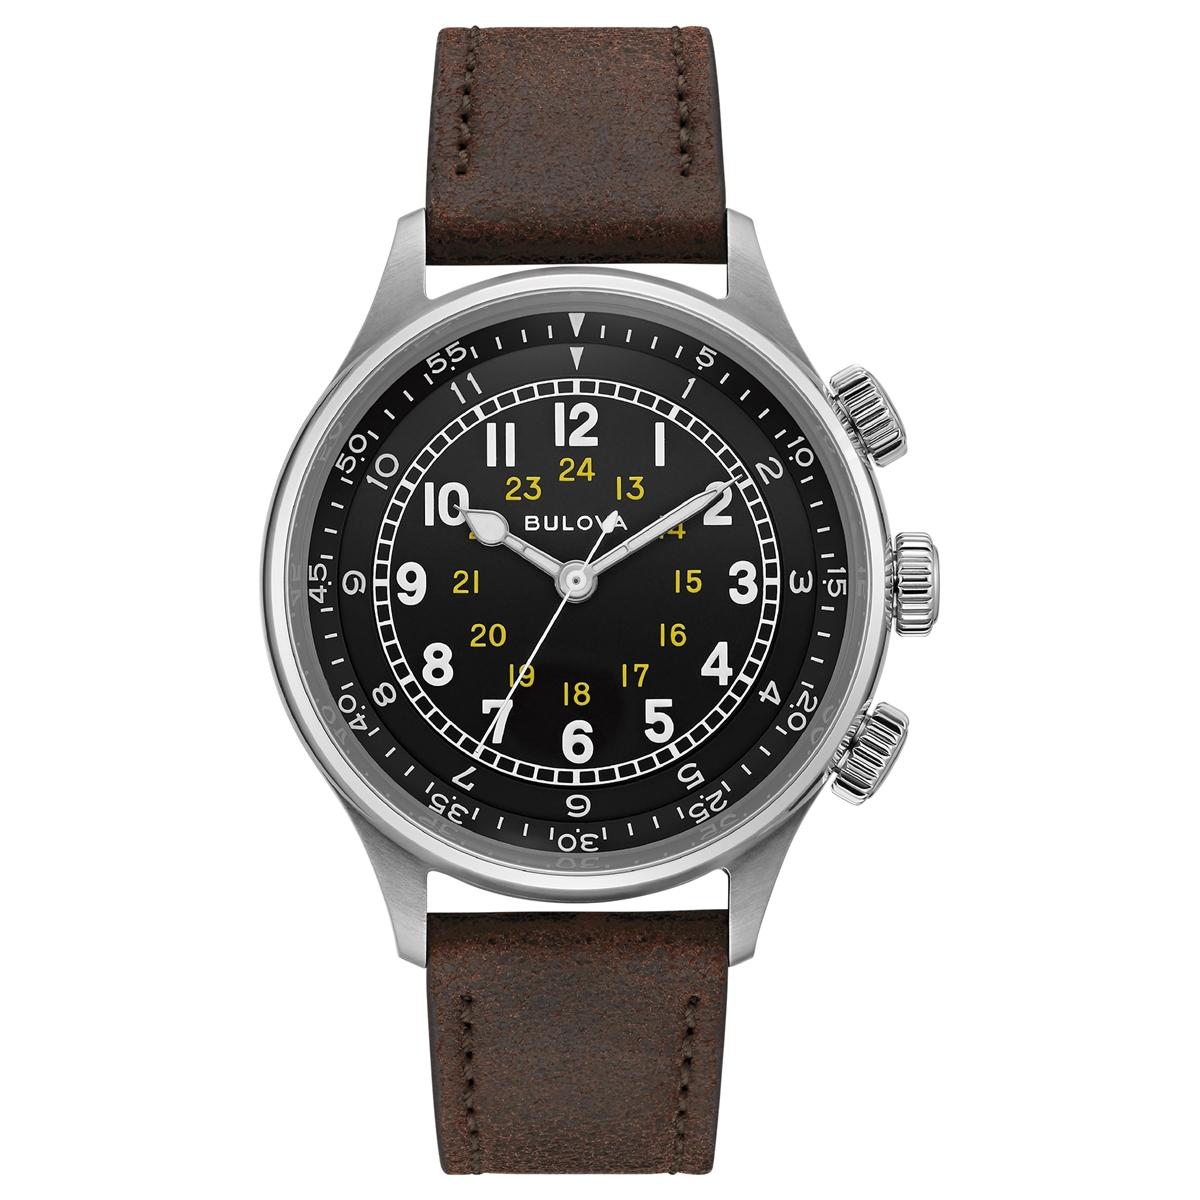 ブローバ BULOVA 96A245 ミリタリー オートマチック 正規品 腕時計